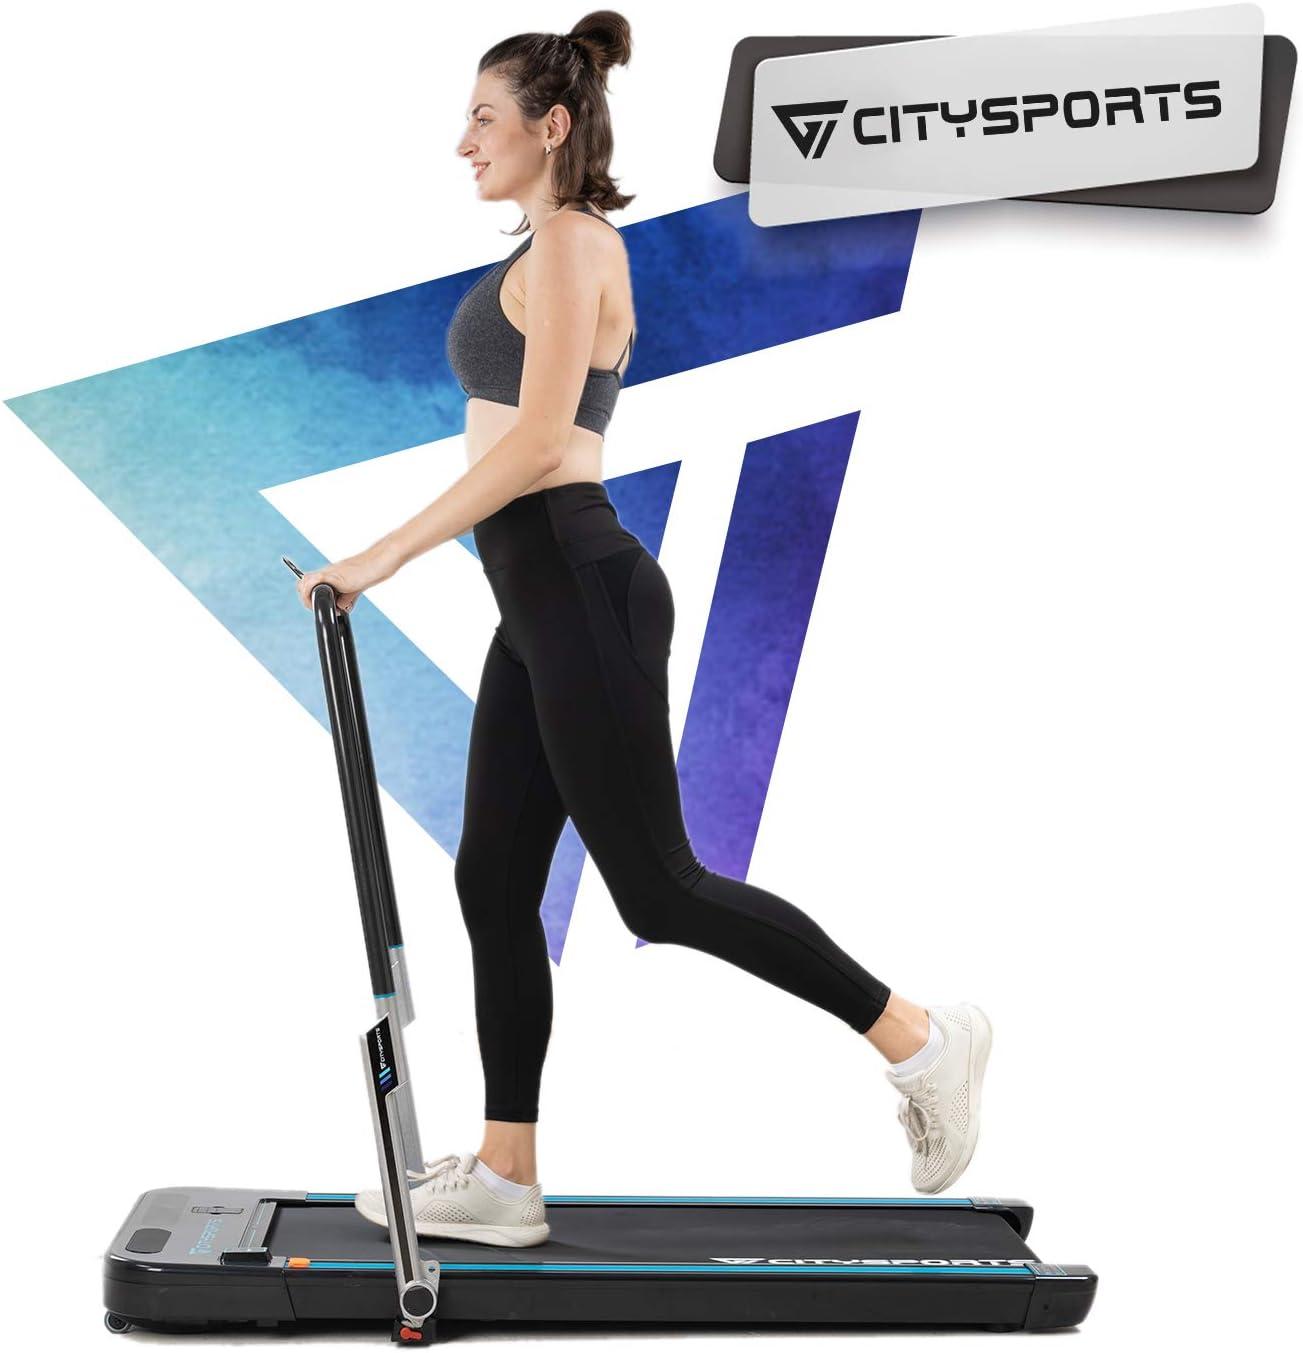 Cinta de Correr Caminar Plegable 440W, Apoyabrazos y Control Remoto Controlables, Altavoz Bluetooth Incorporado, Velocidad 1-8km / h Ajustable, Cinta de Correr Caminar Profesional para el Hogar